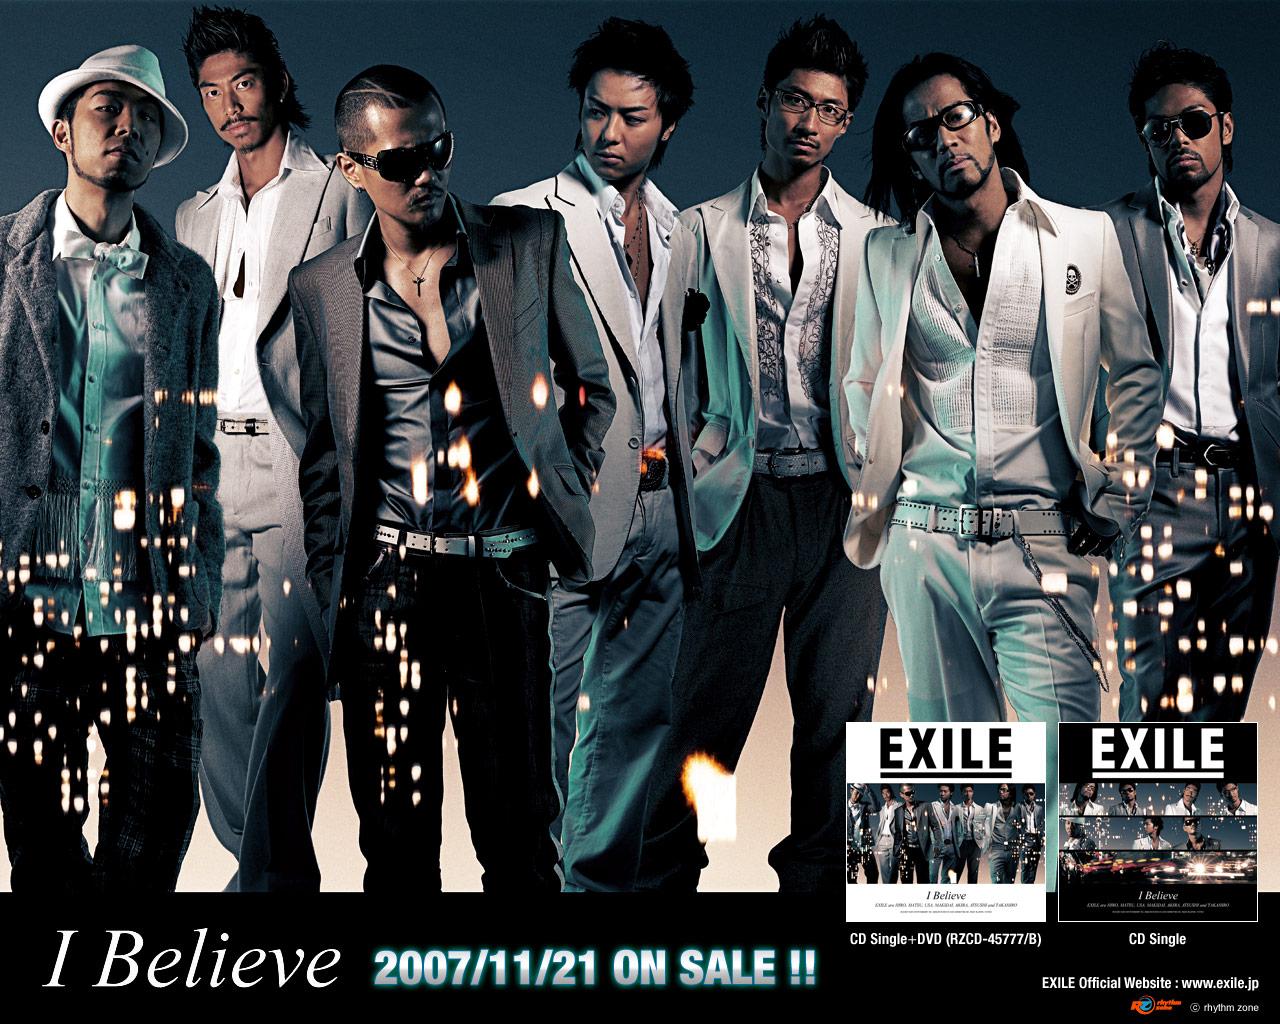 Exile I Believe 壁紙 まどろんでる トイレットペーパーがまどろんでる なしてそんなにゴリンなん